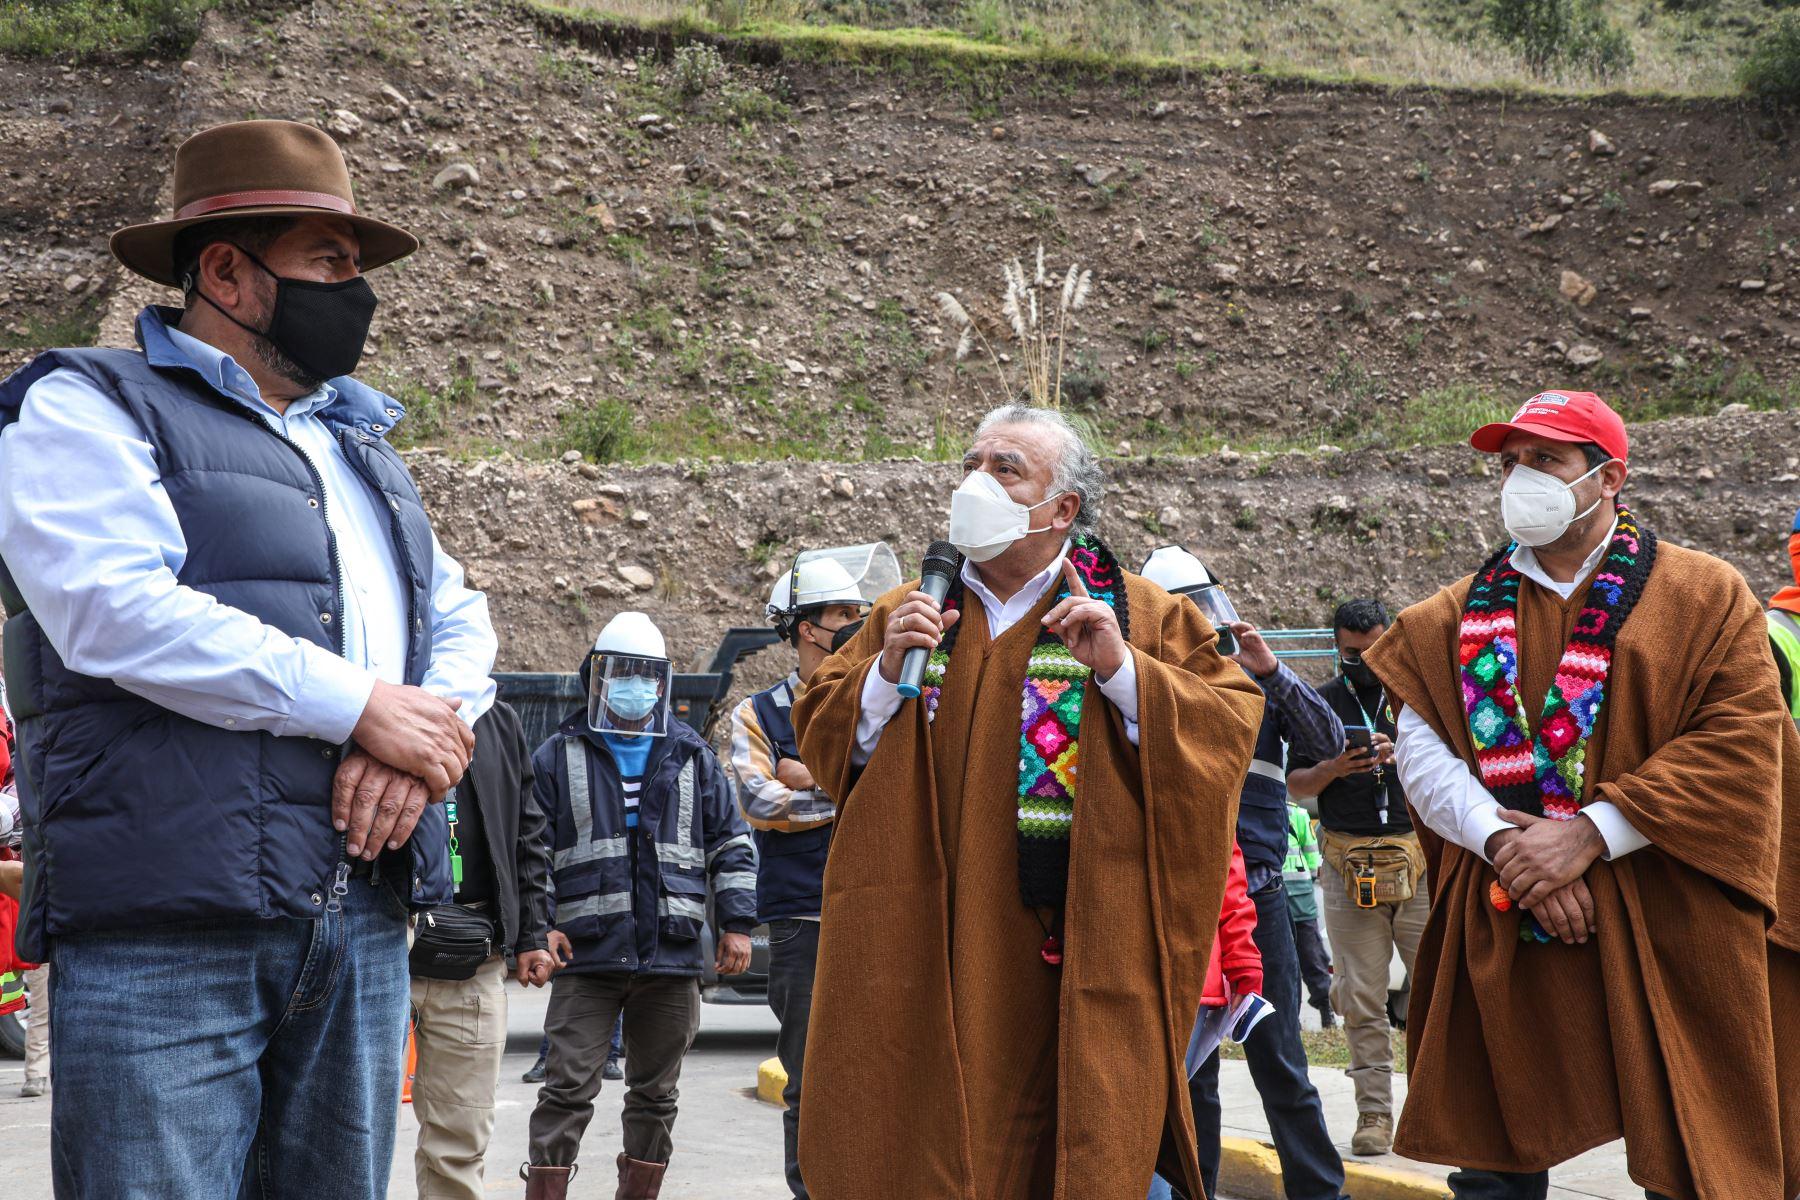 El Ministro de Trabajo Javier Palacios Gallegos, supervisó los trabajos de carretera, que Proregión realiza en el departamento de Huancavelica. Foto: ANDINA/Ministerio de Trabajoo